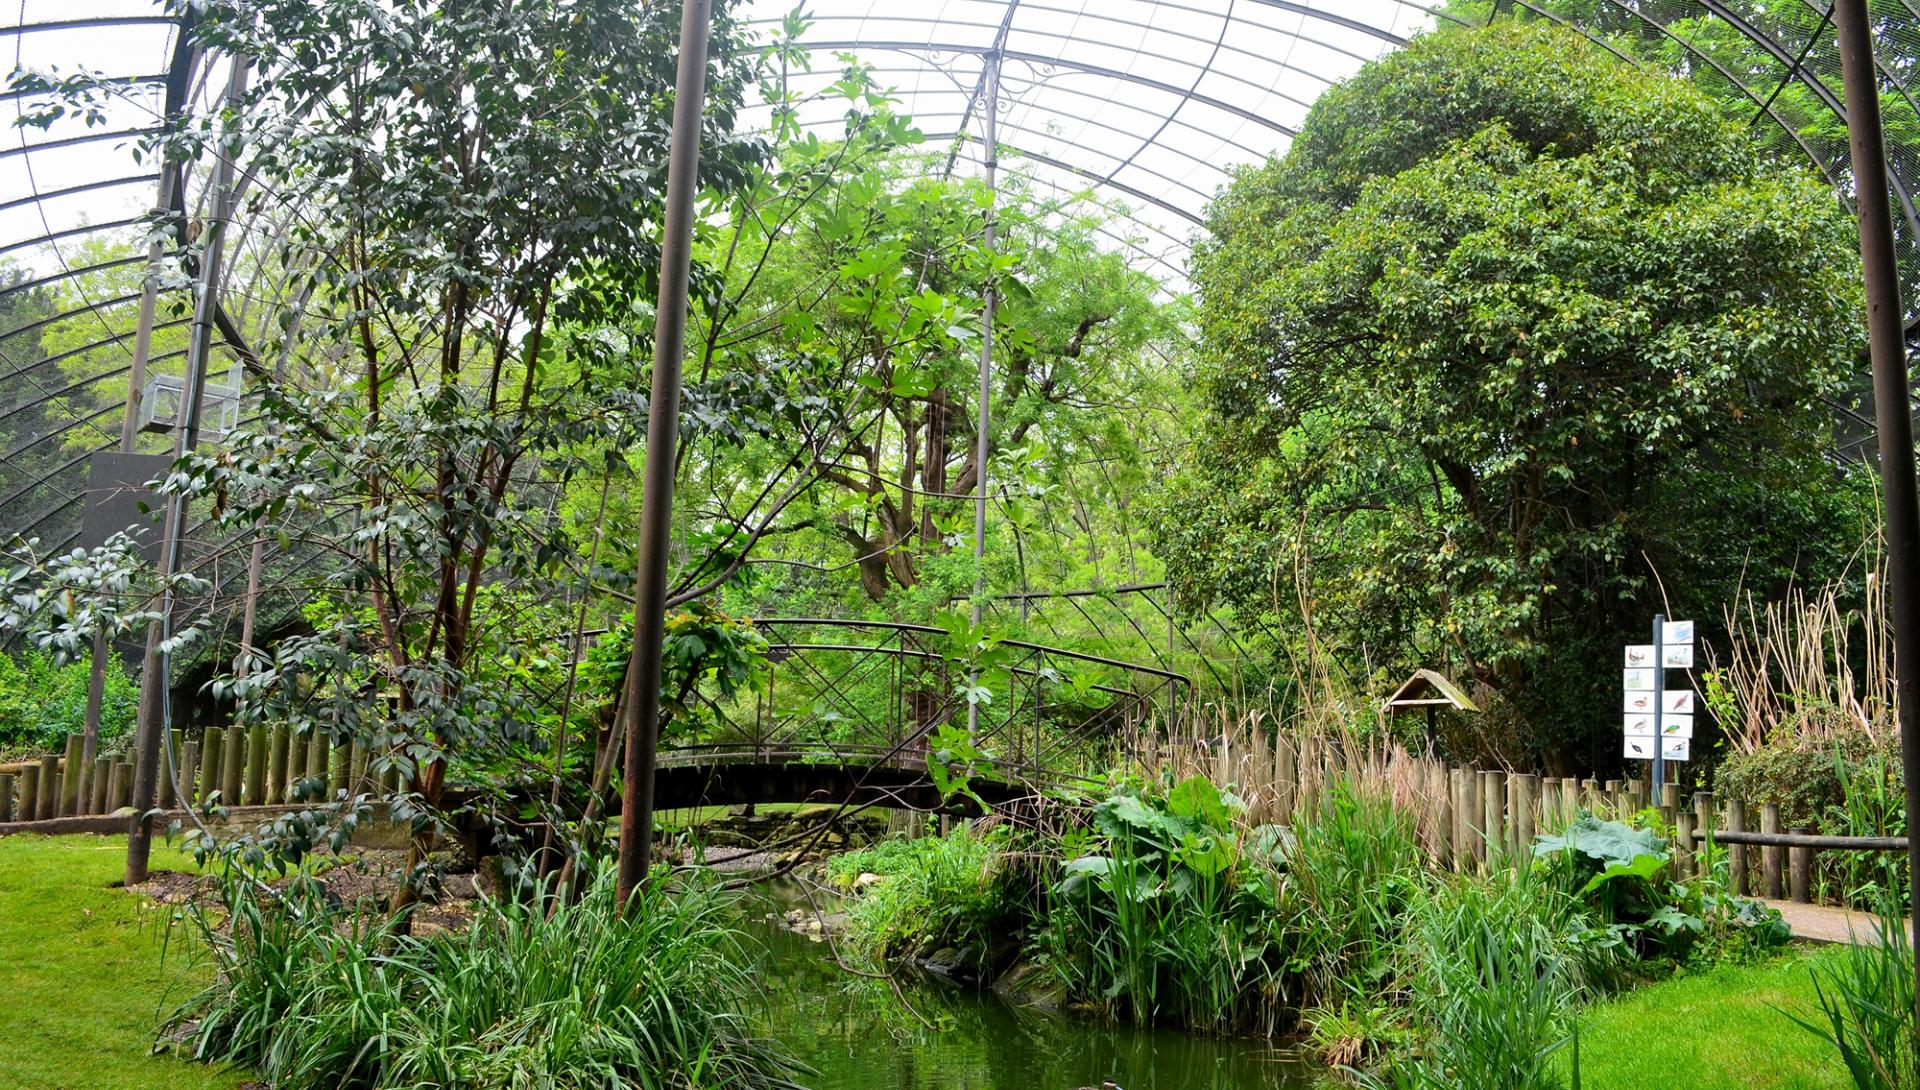 Grande volière - Ménagerie, zoo du Jardin des Plantes © MNHN - FG Grandin